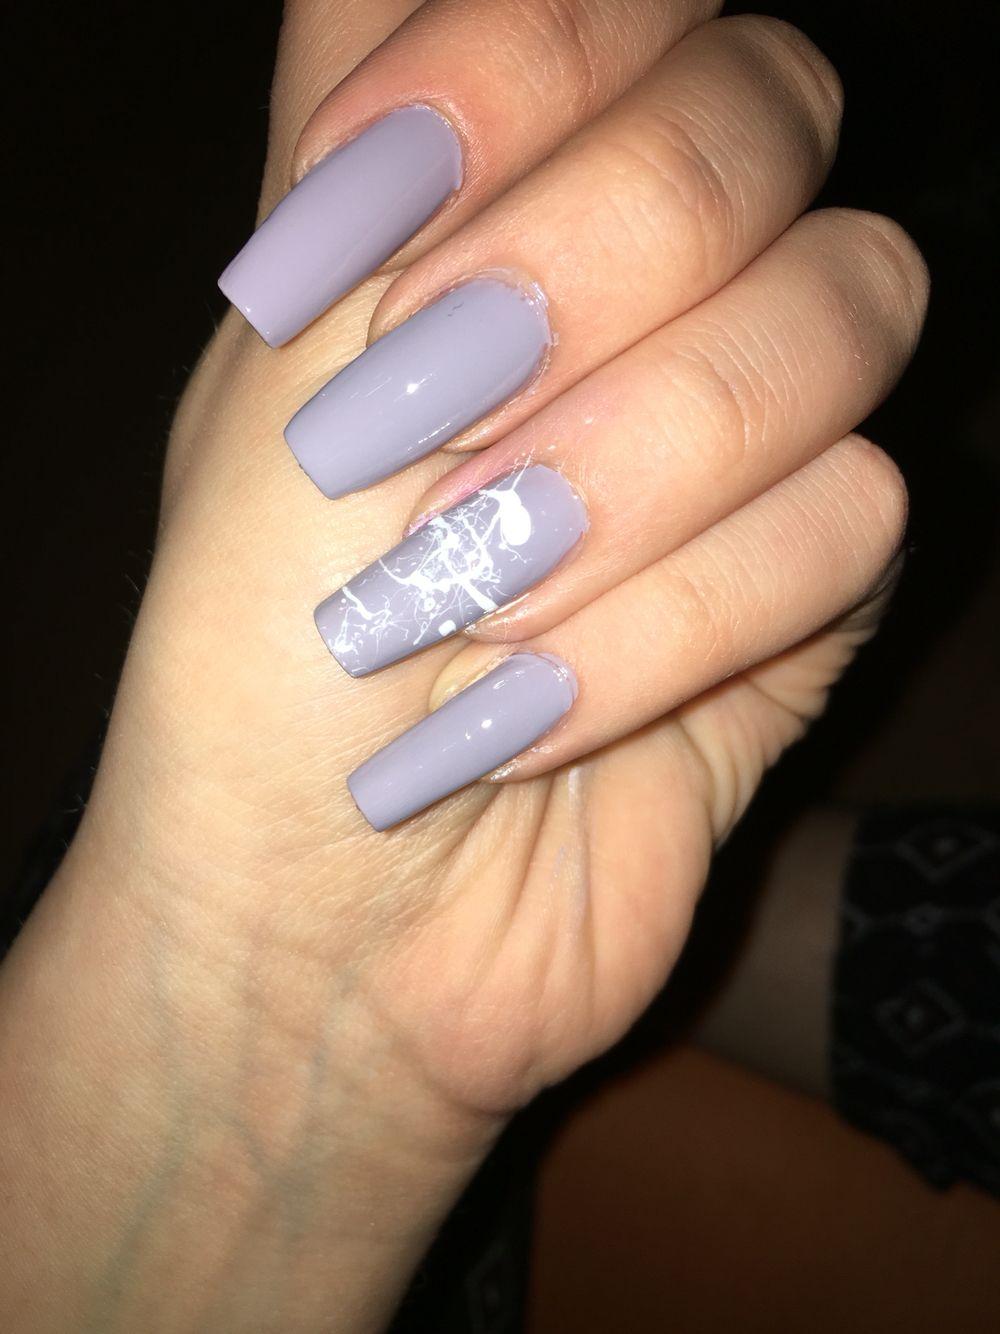 Graublau - weiß nageldesign | Nails / Nägel ✨ | Pinterest | Nails ...